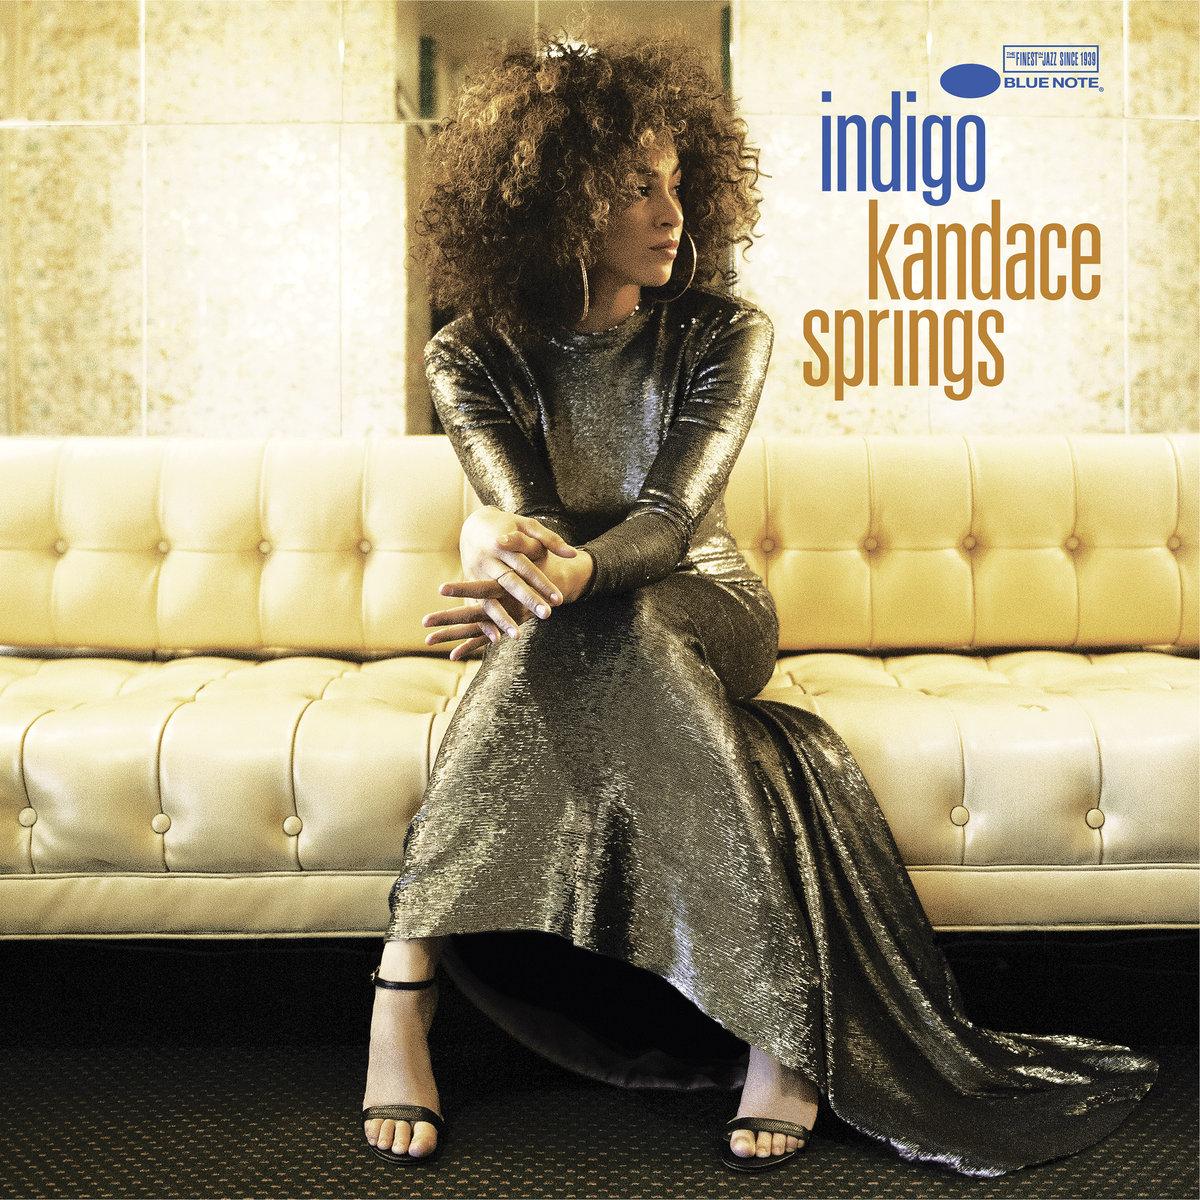 SPRINGS KANDACE – Indigo